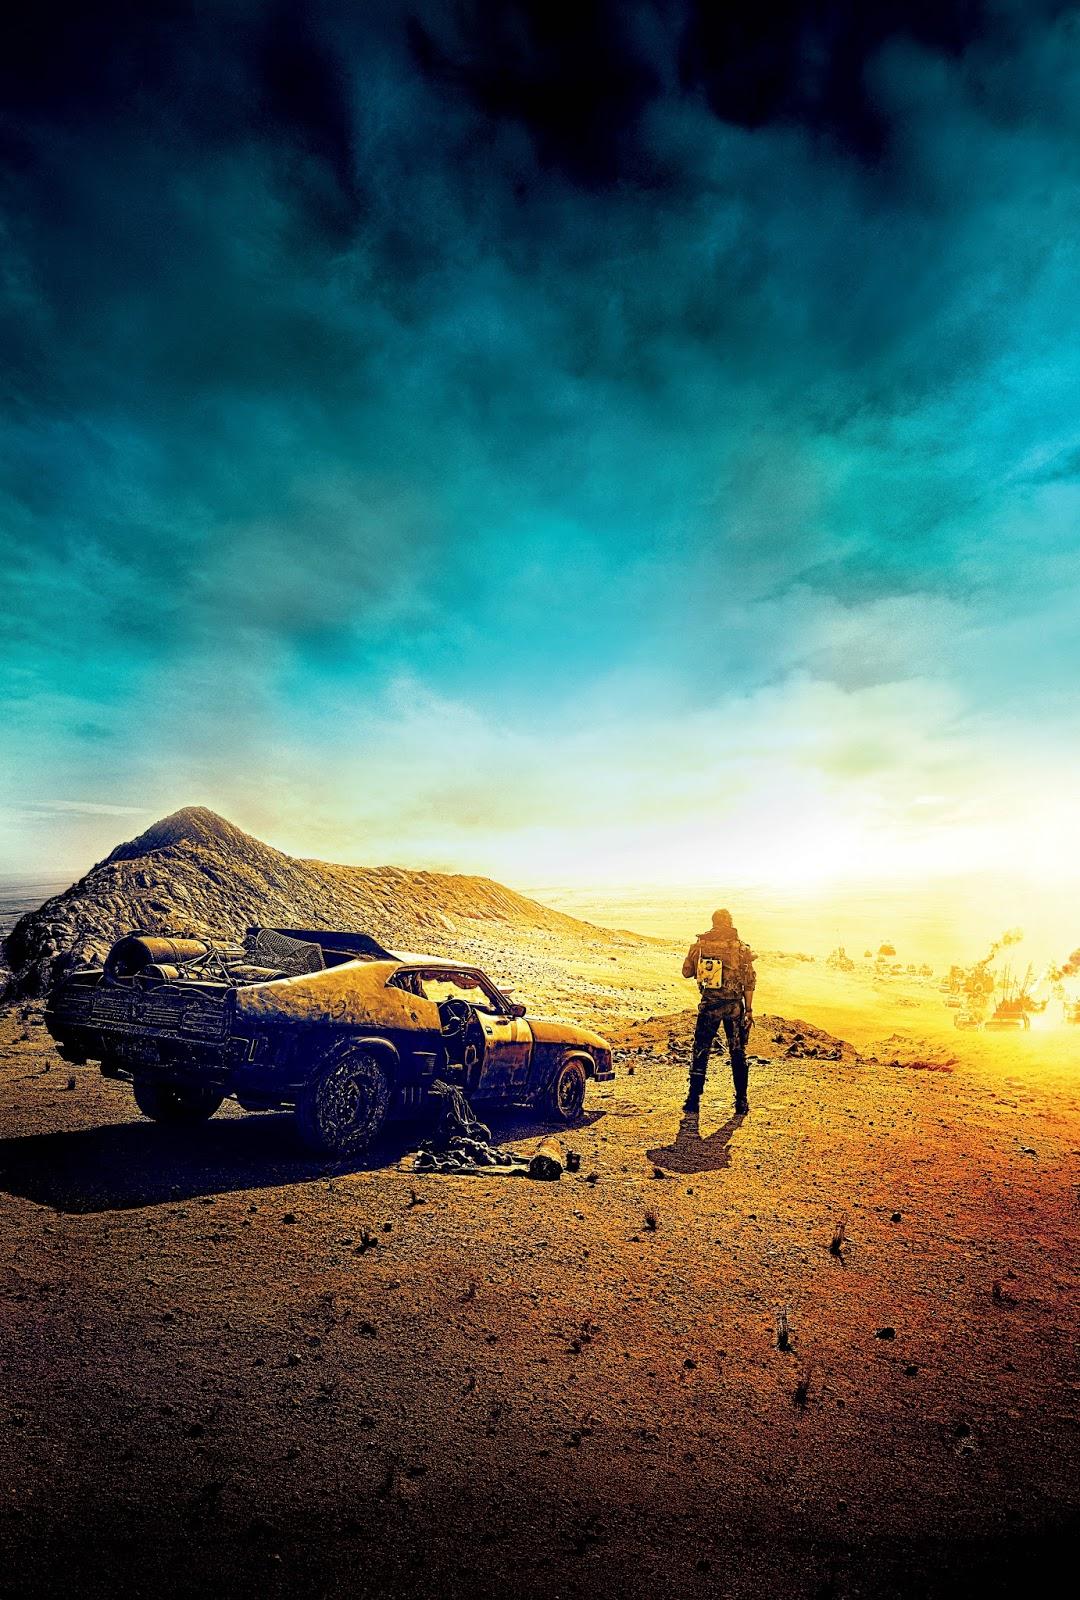 Movie background road